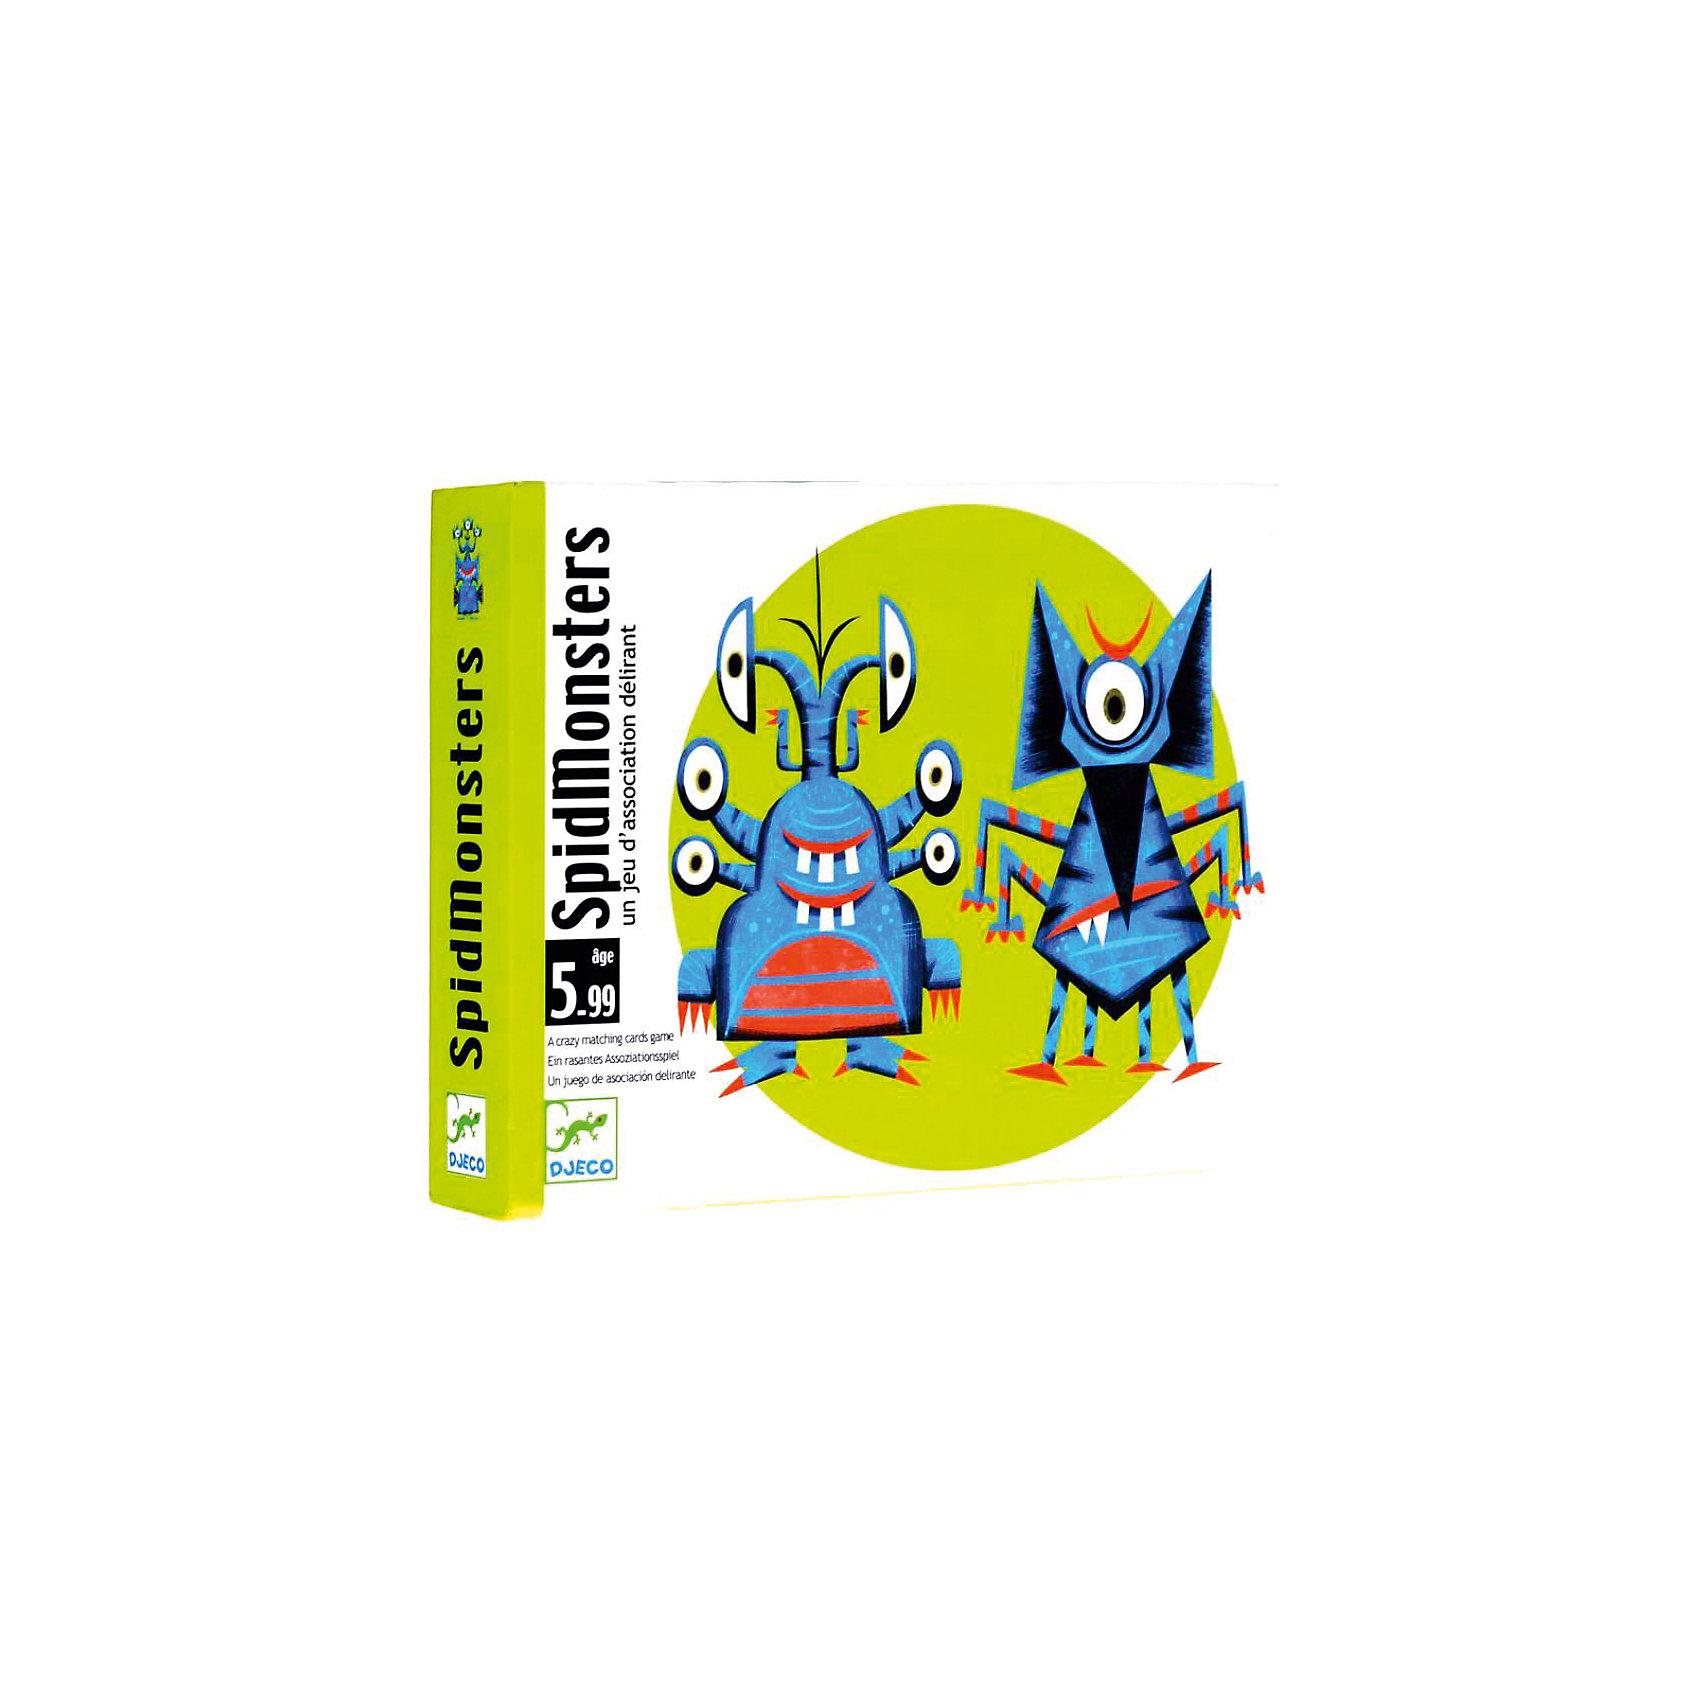 DJECO Карточная игра Монстер, DJECO настольные игры djeco настольная карточная игра зоопарк